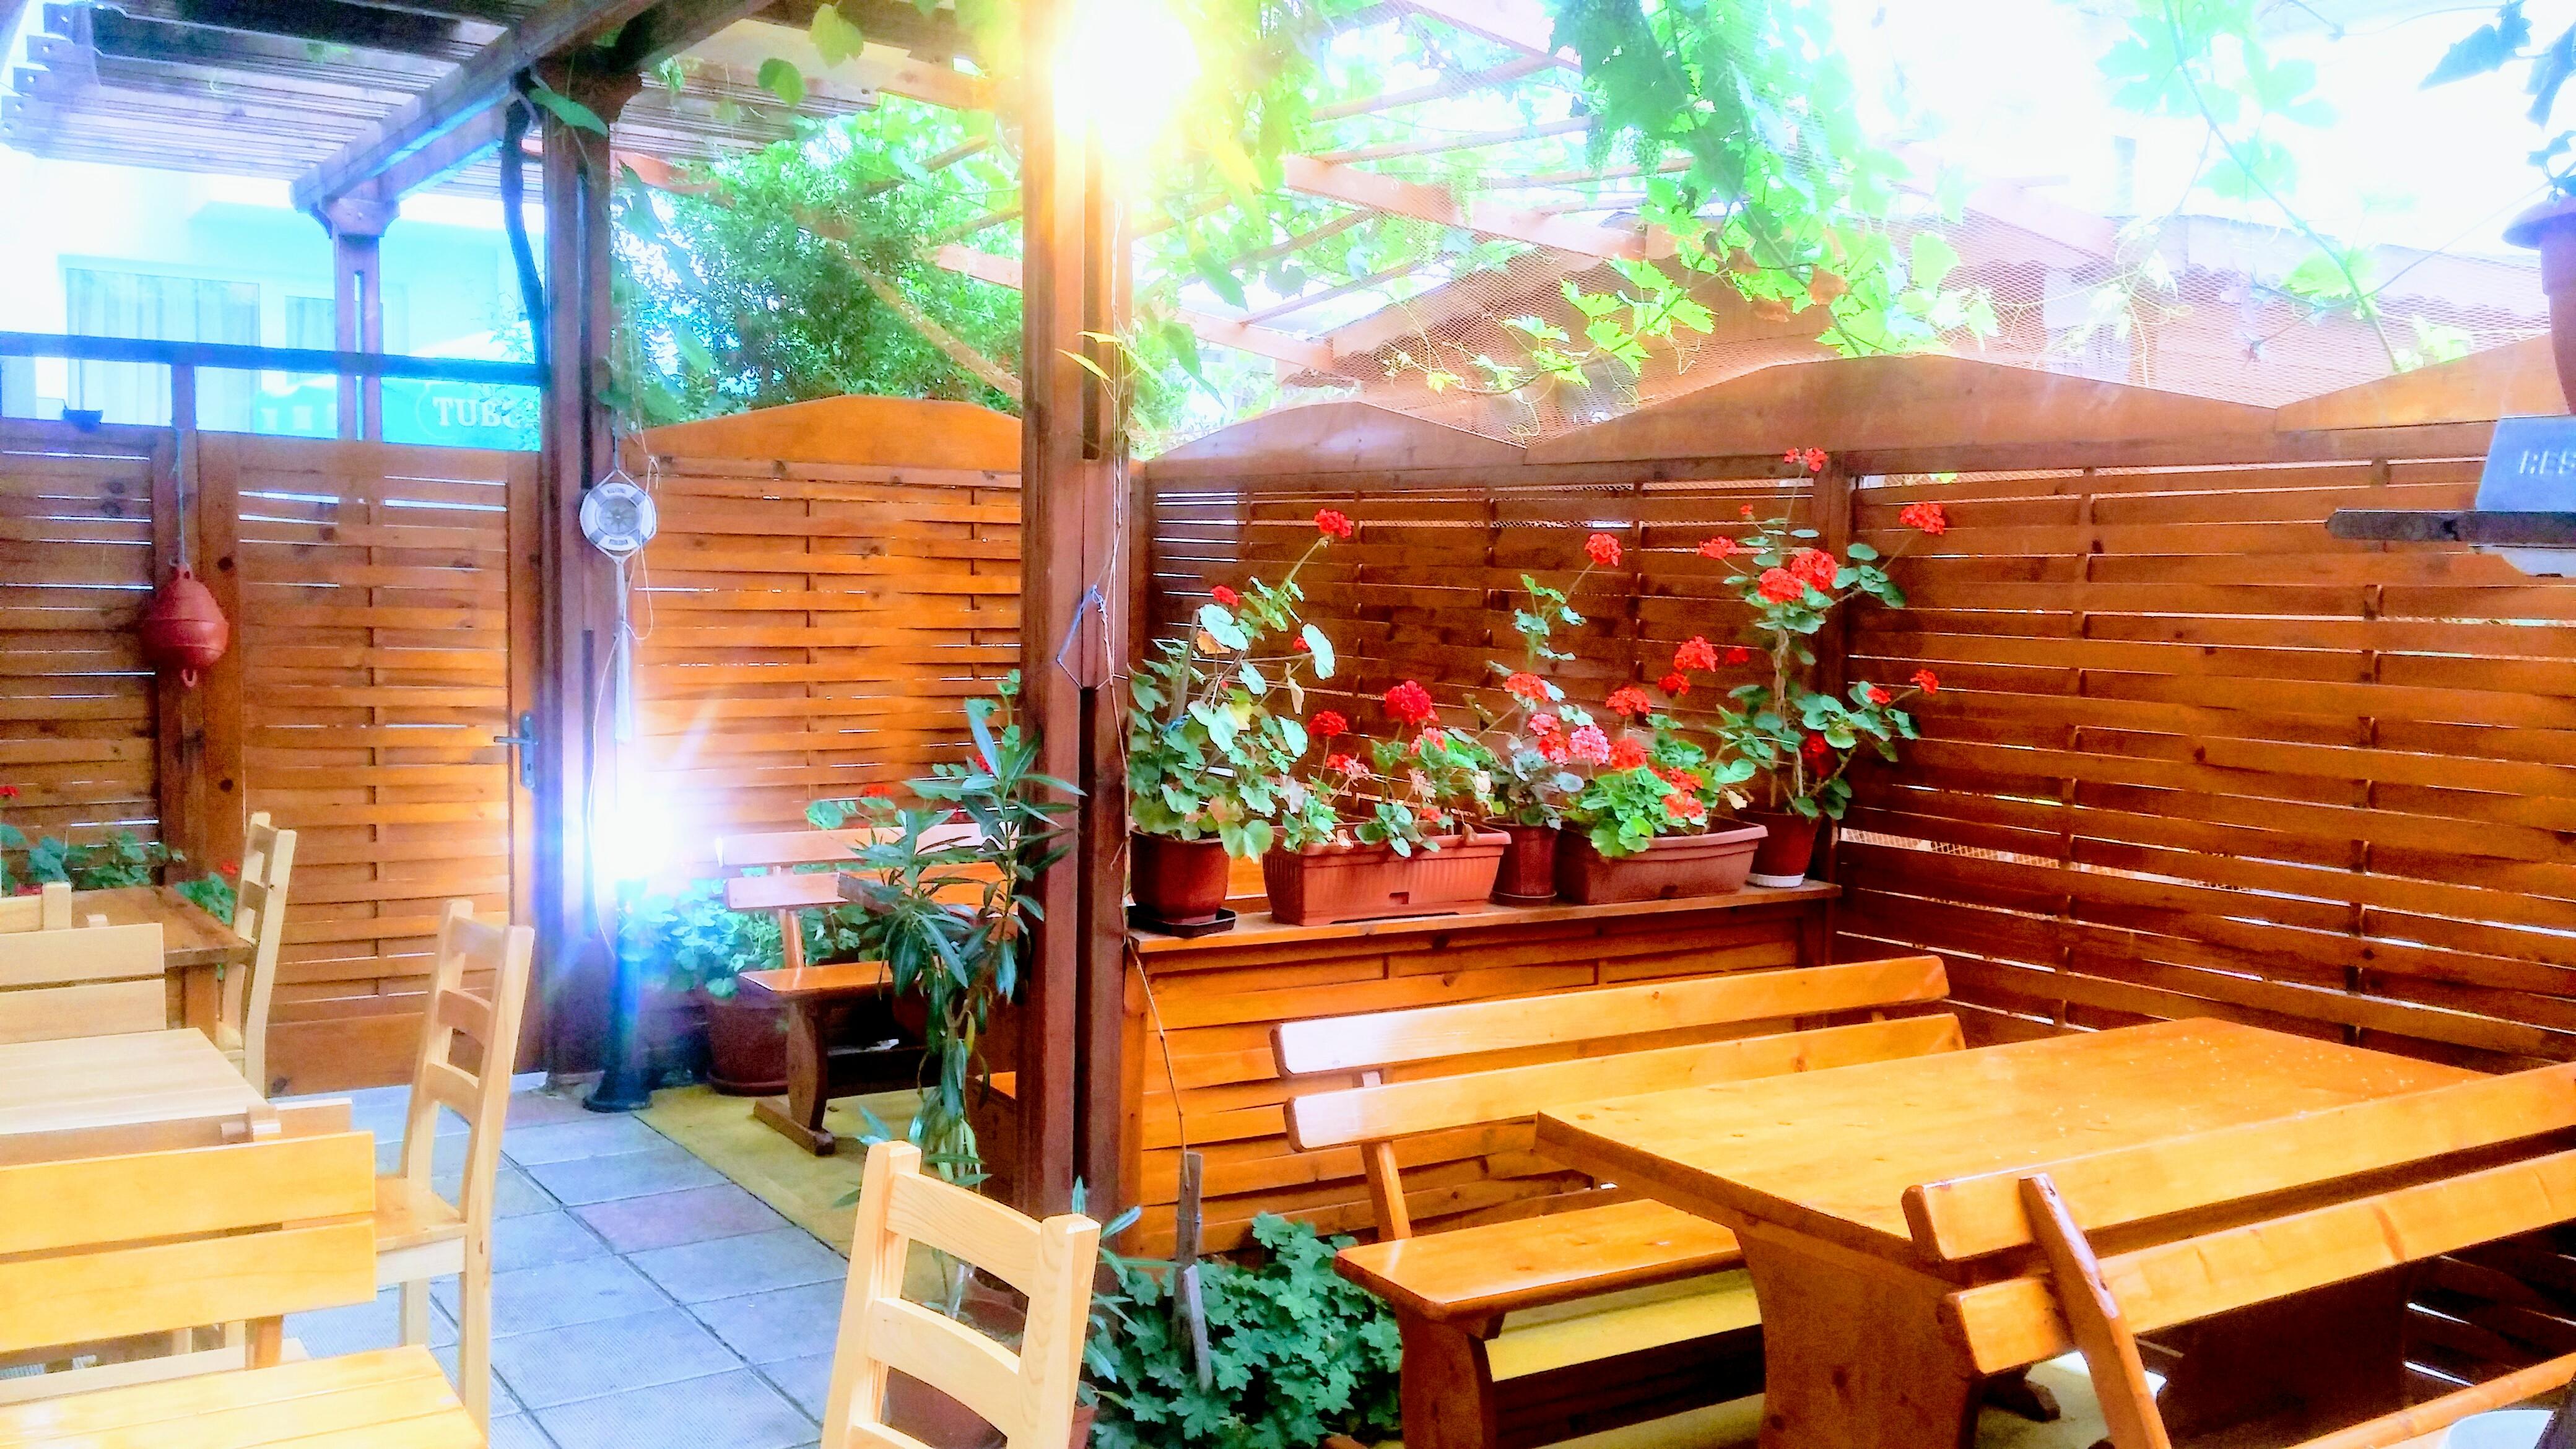 Рыбный Ресторан Нептун, рыбная кухня, Солнечный Берег